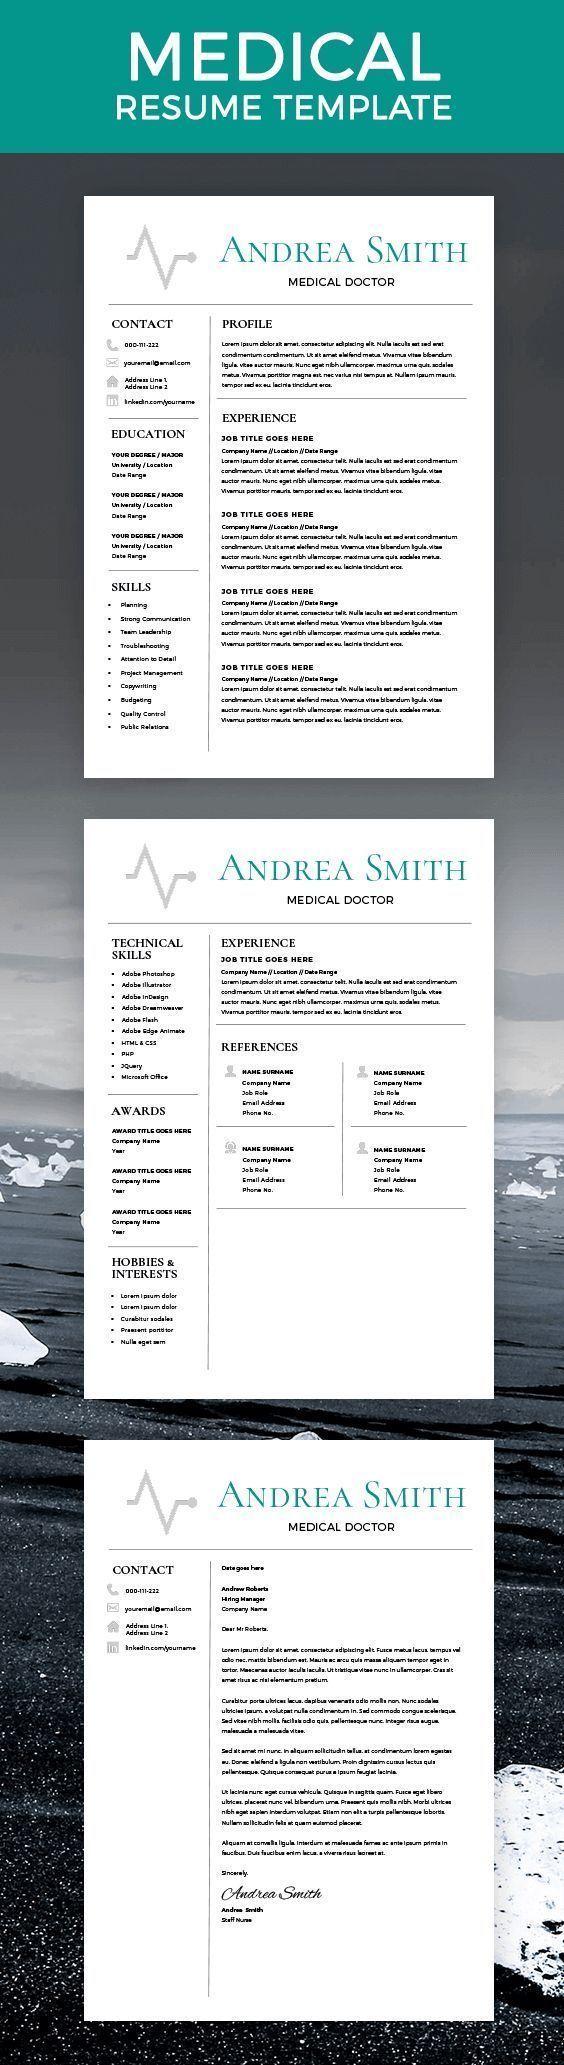 Cna resume template